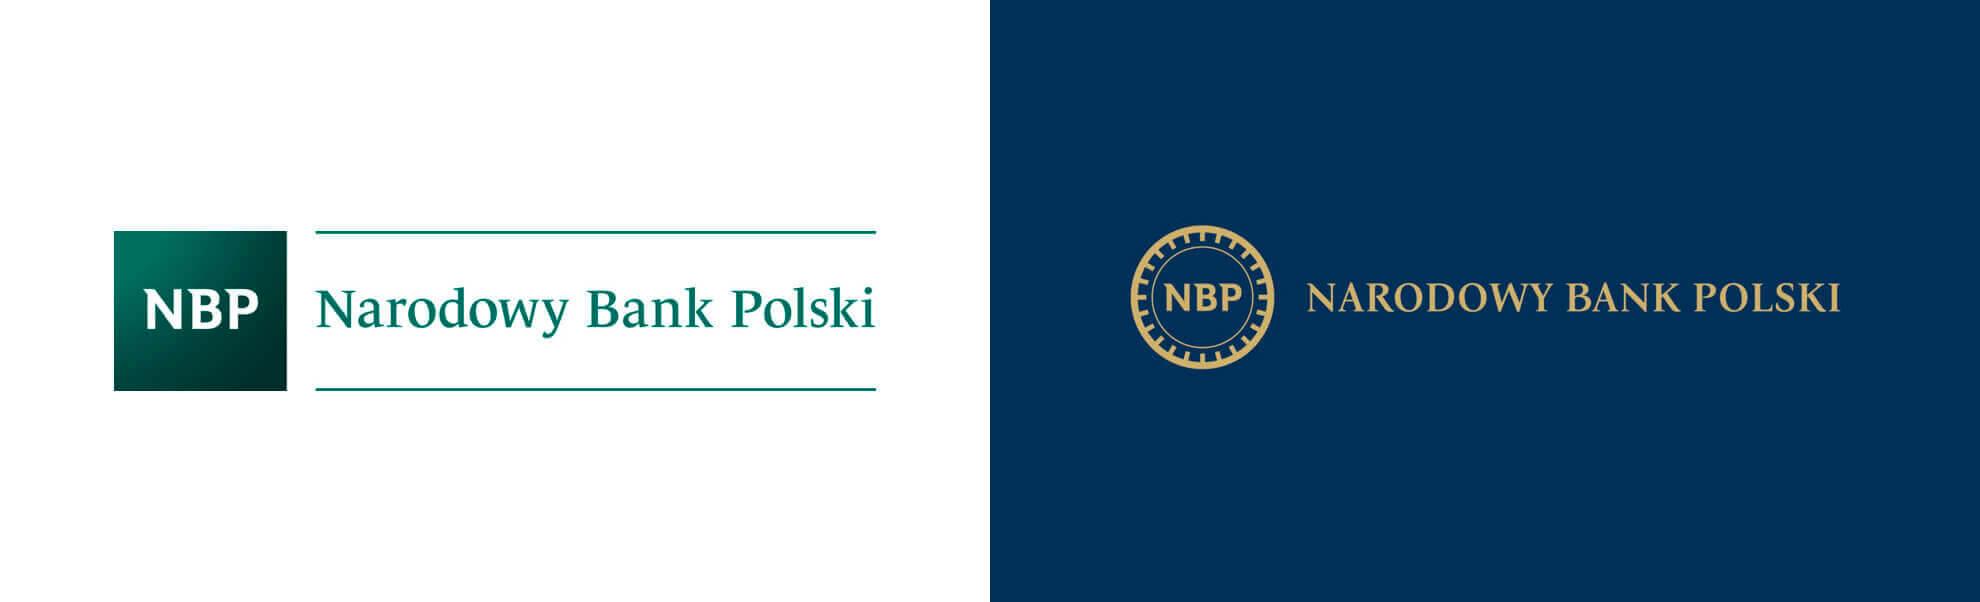 Stare inowe logo Narodowego Banku Polskiego